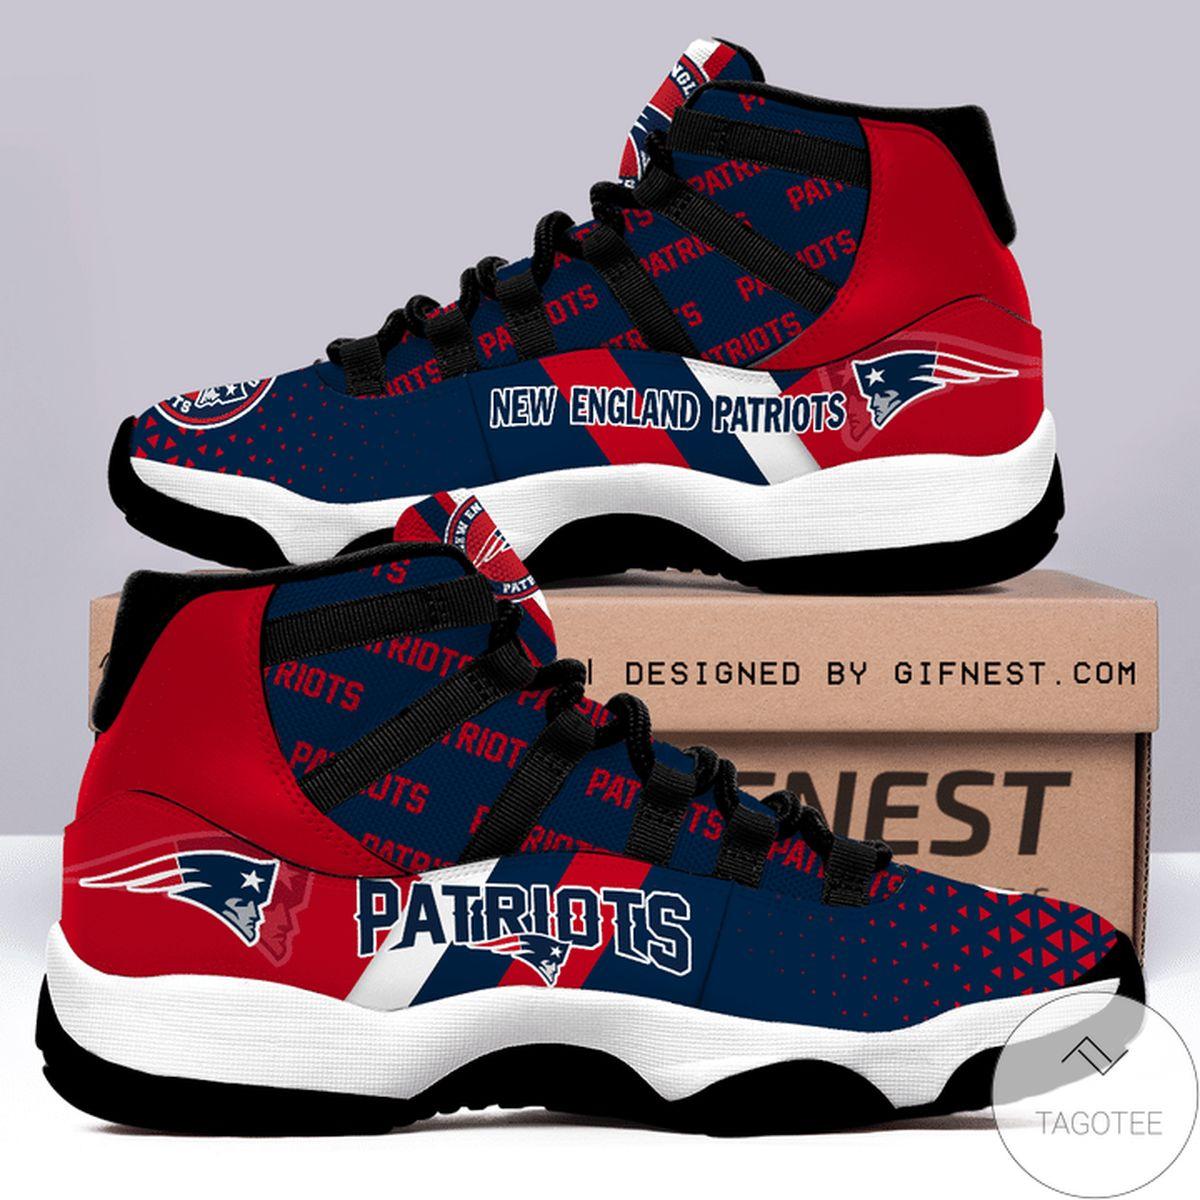 New England Patriots Air Jordan 11 Shoes